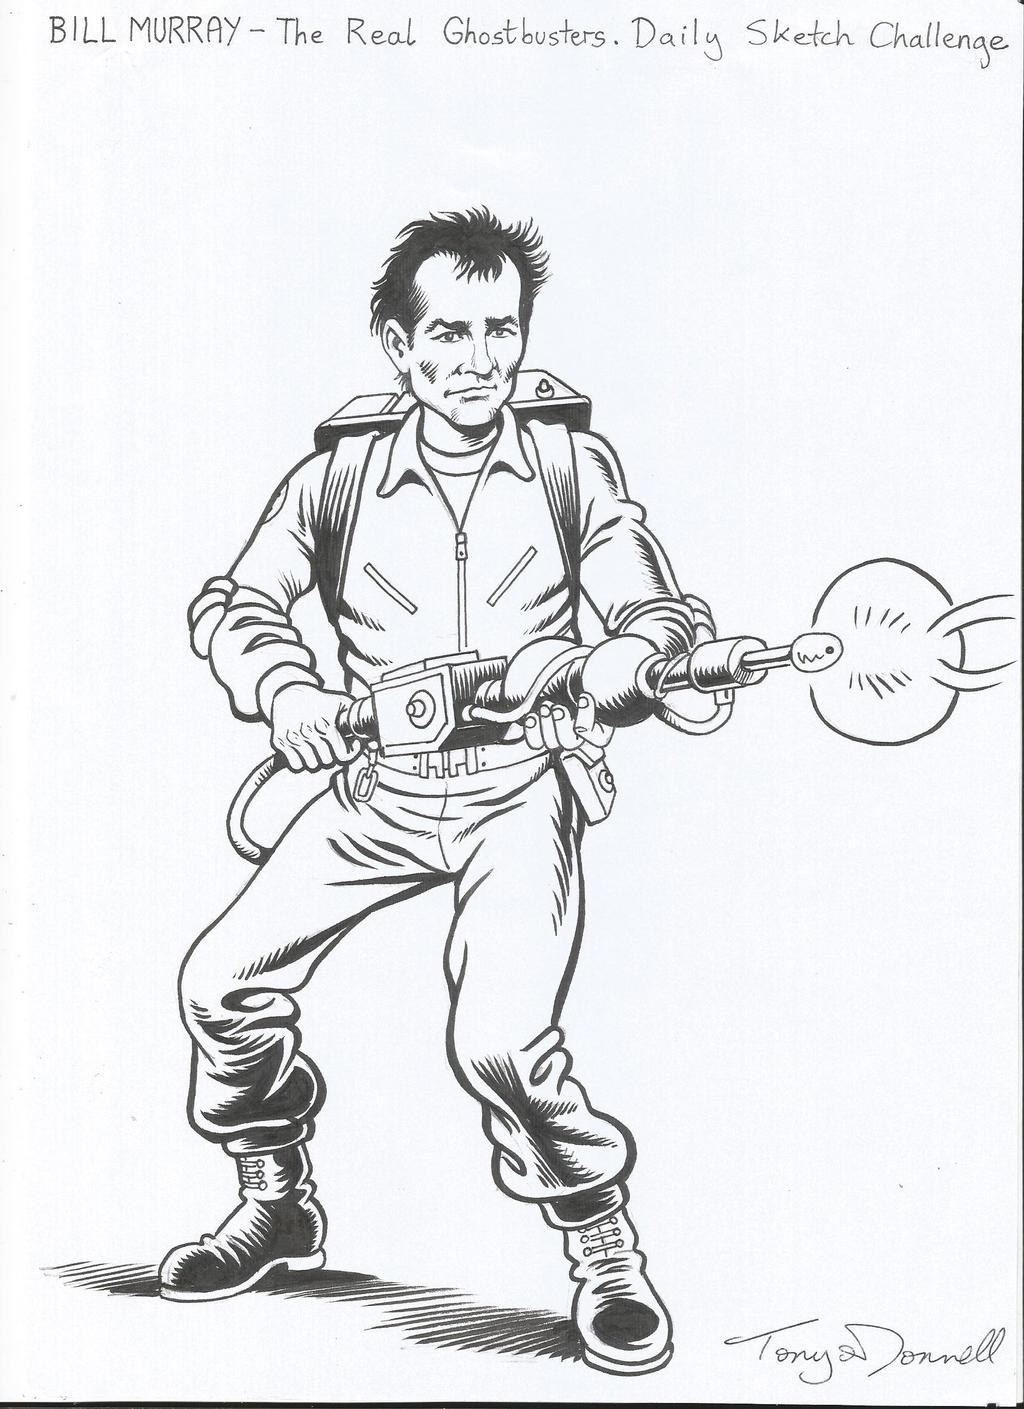 Bill Murray - Ghostbuster! by ga-ren on DeviantArt